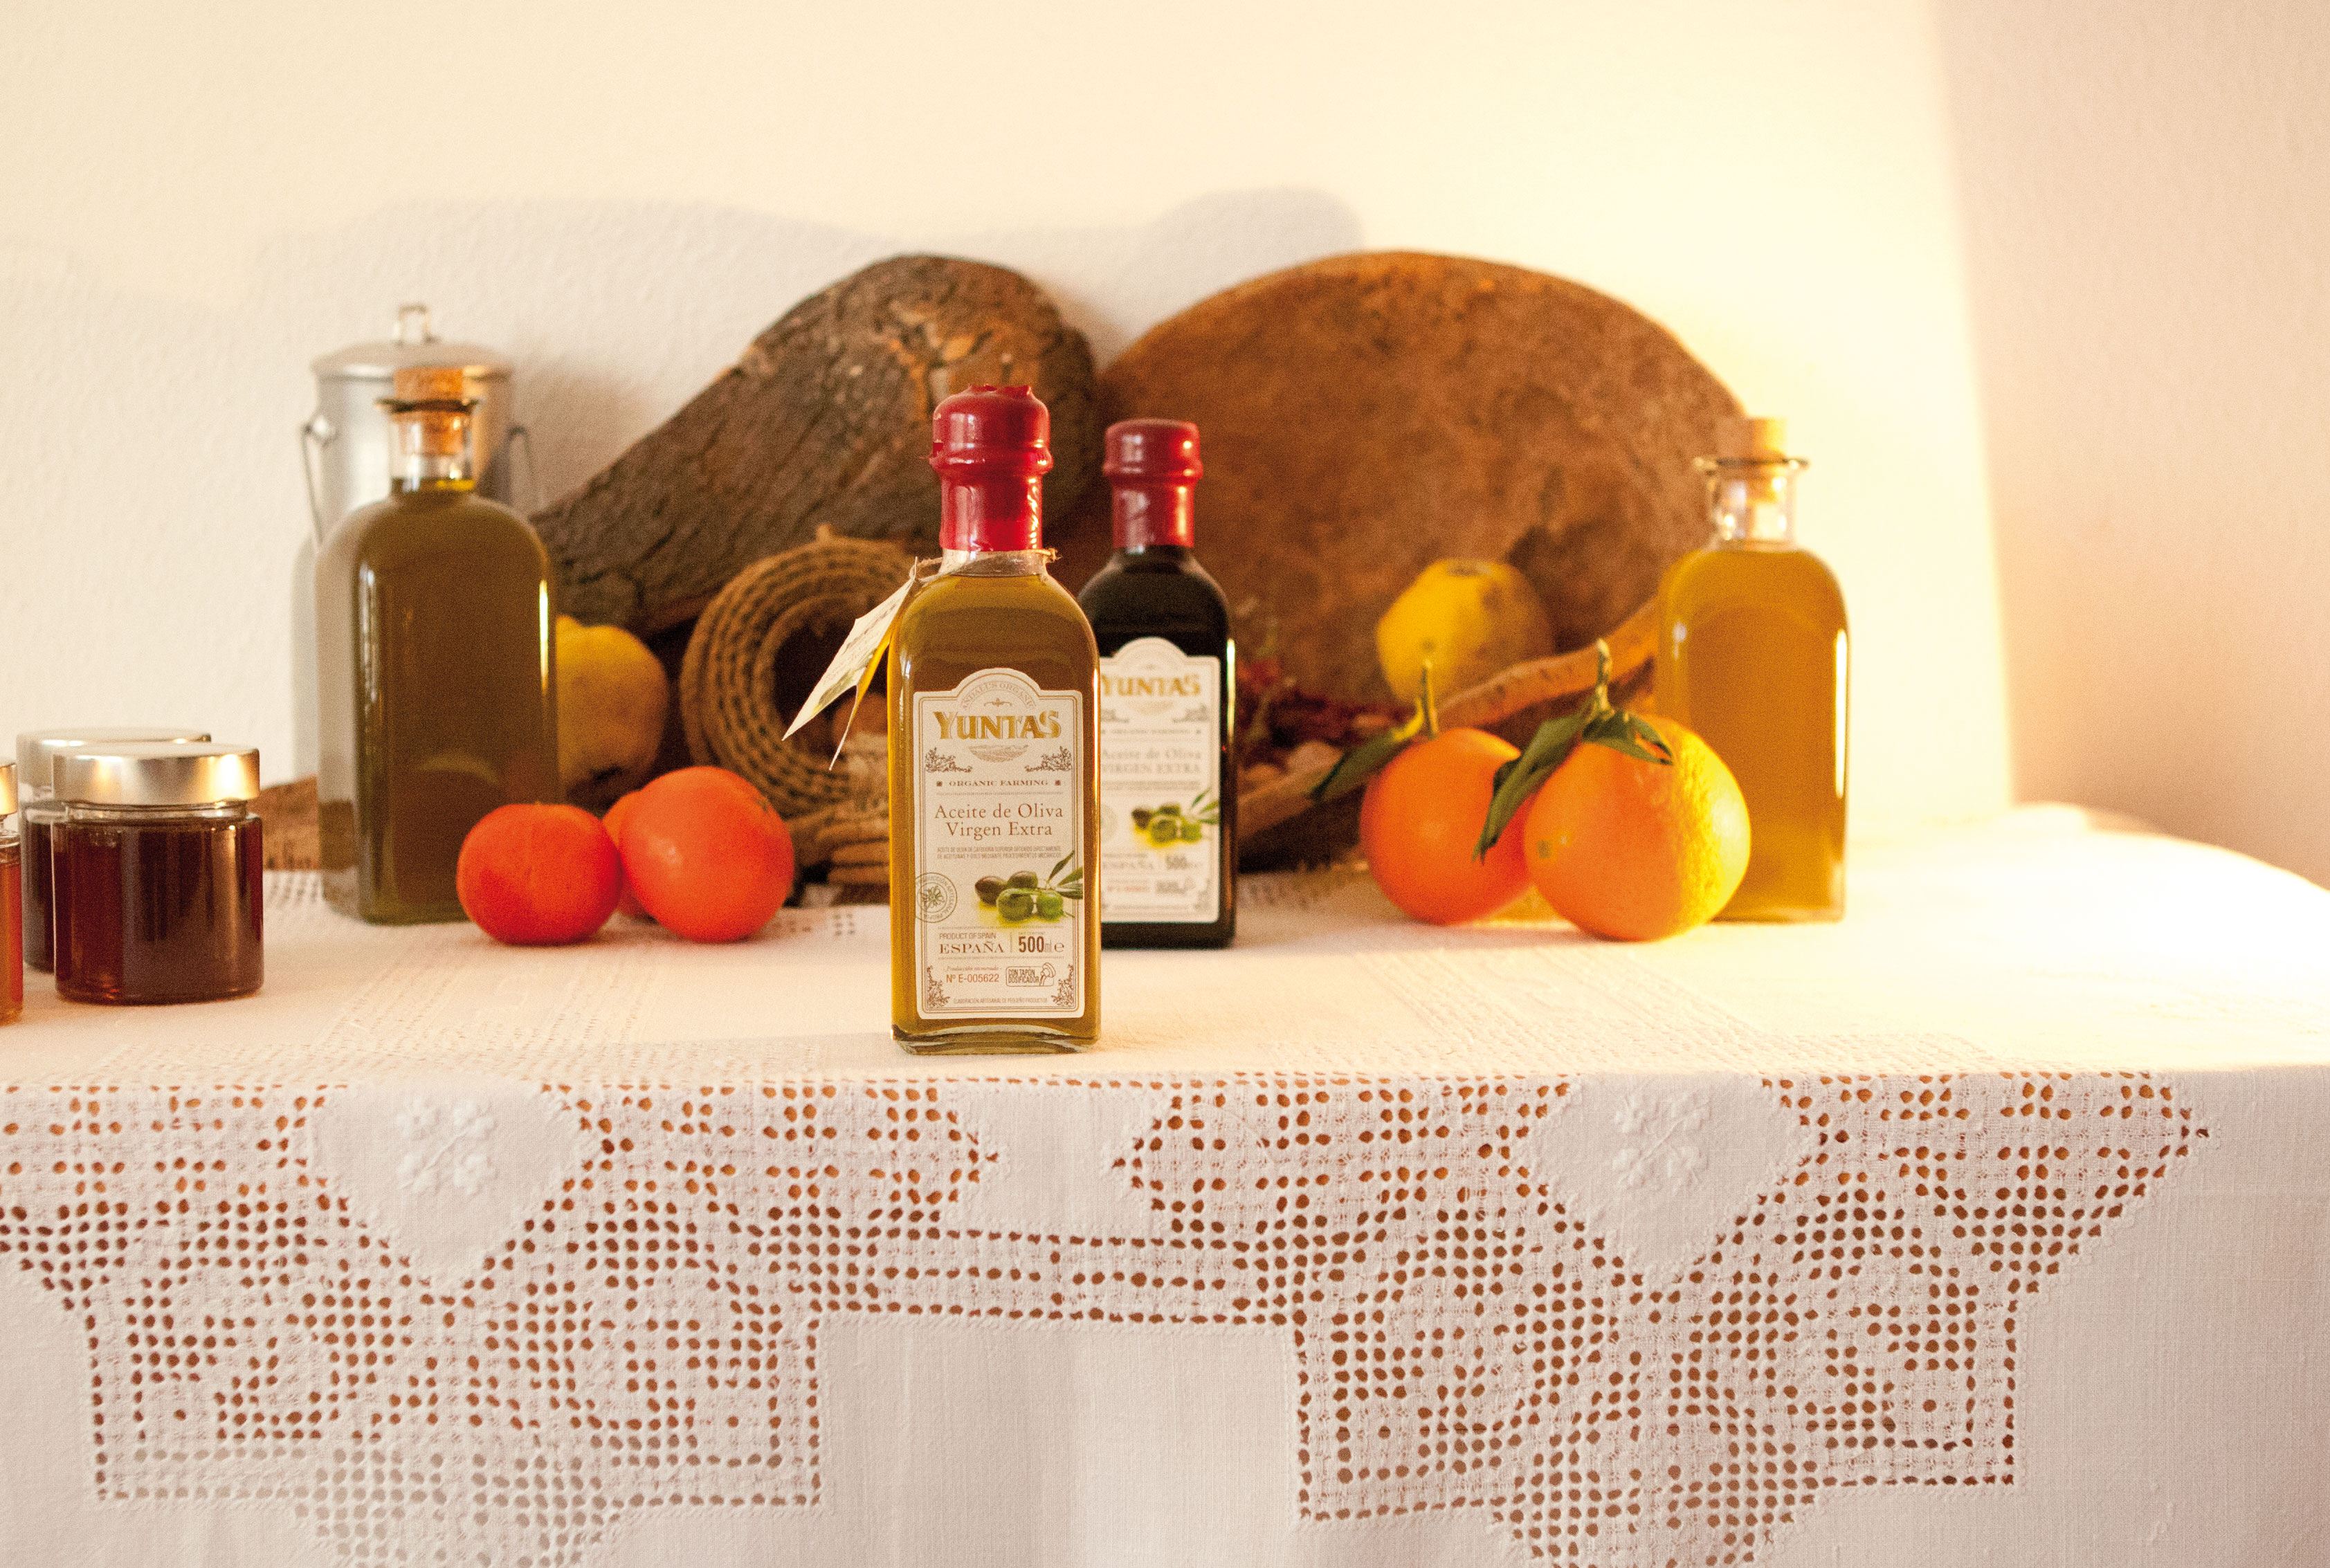 Yuntas aceite de oliva gourmet